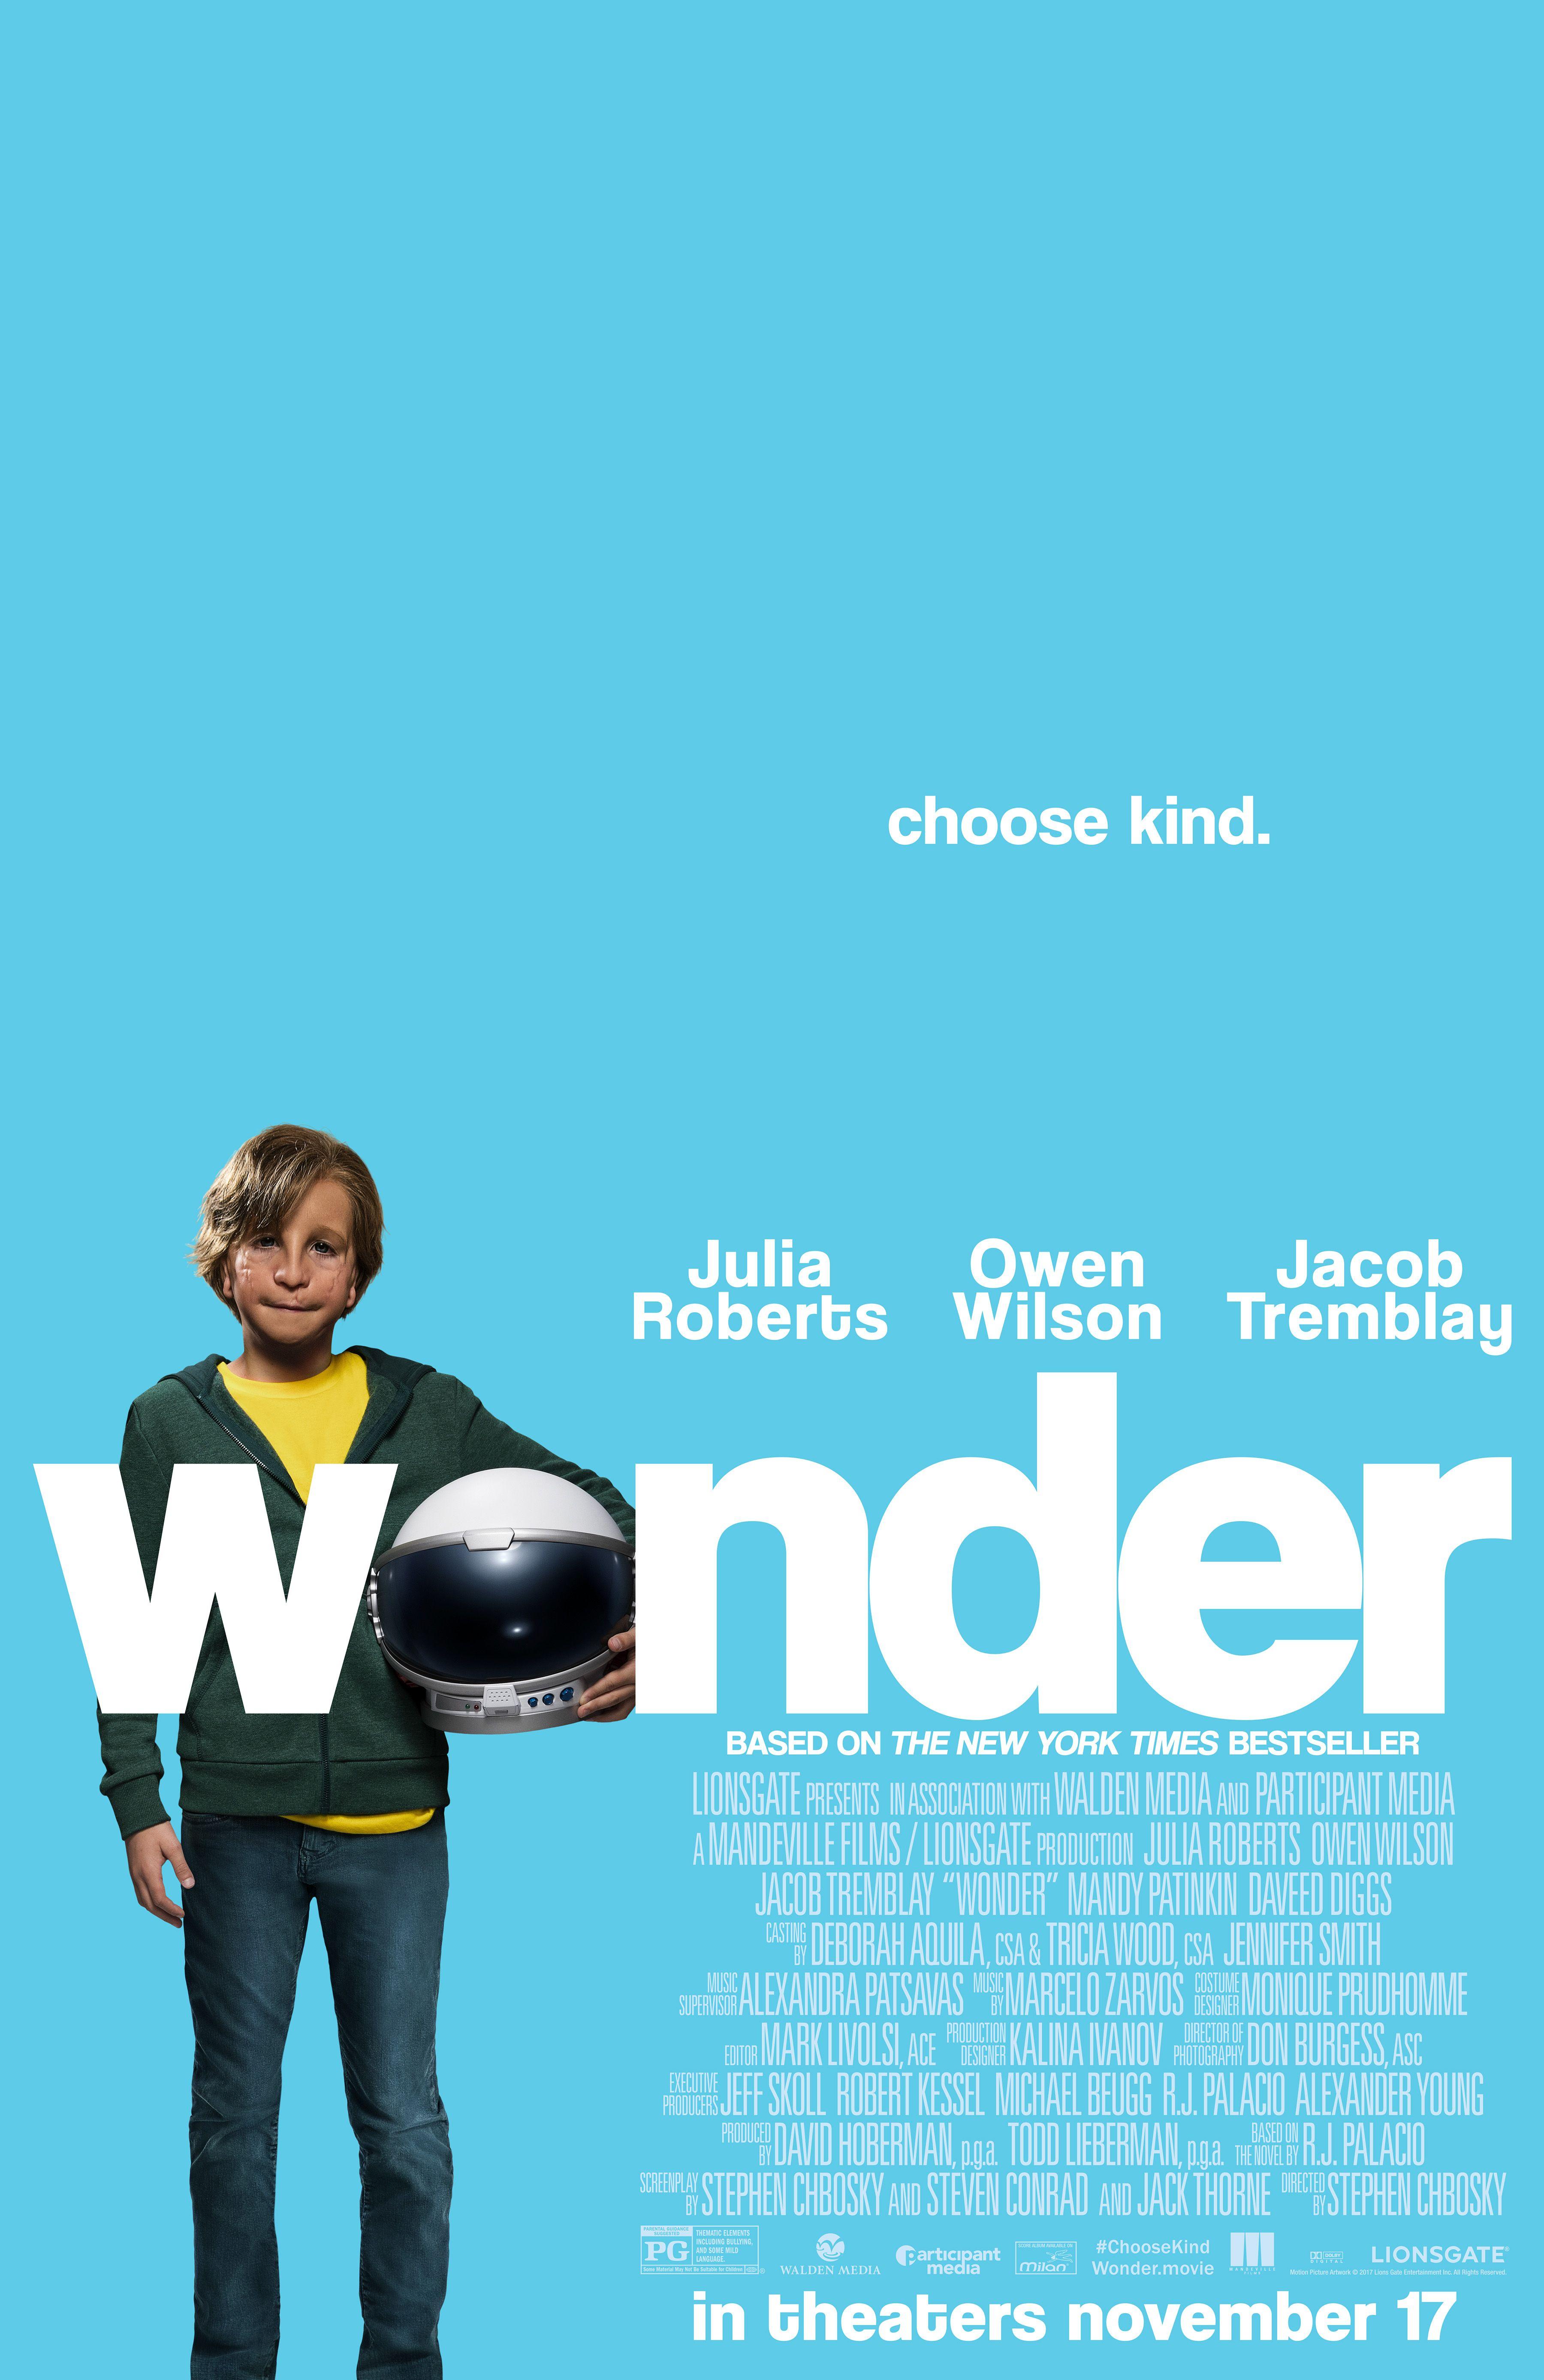 Jeux solitaire Gralon Meilleur De Images Wonder Starring Julia Roberts Owen Wilson & Jacob Tremblay